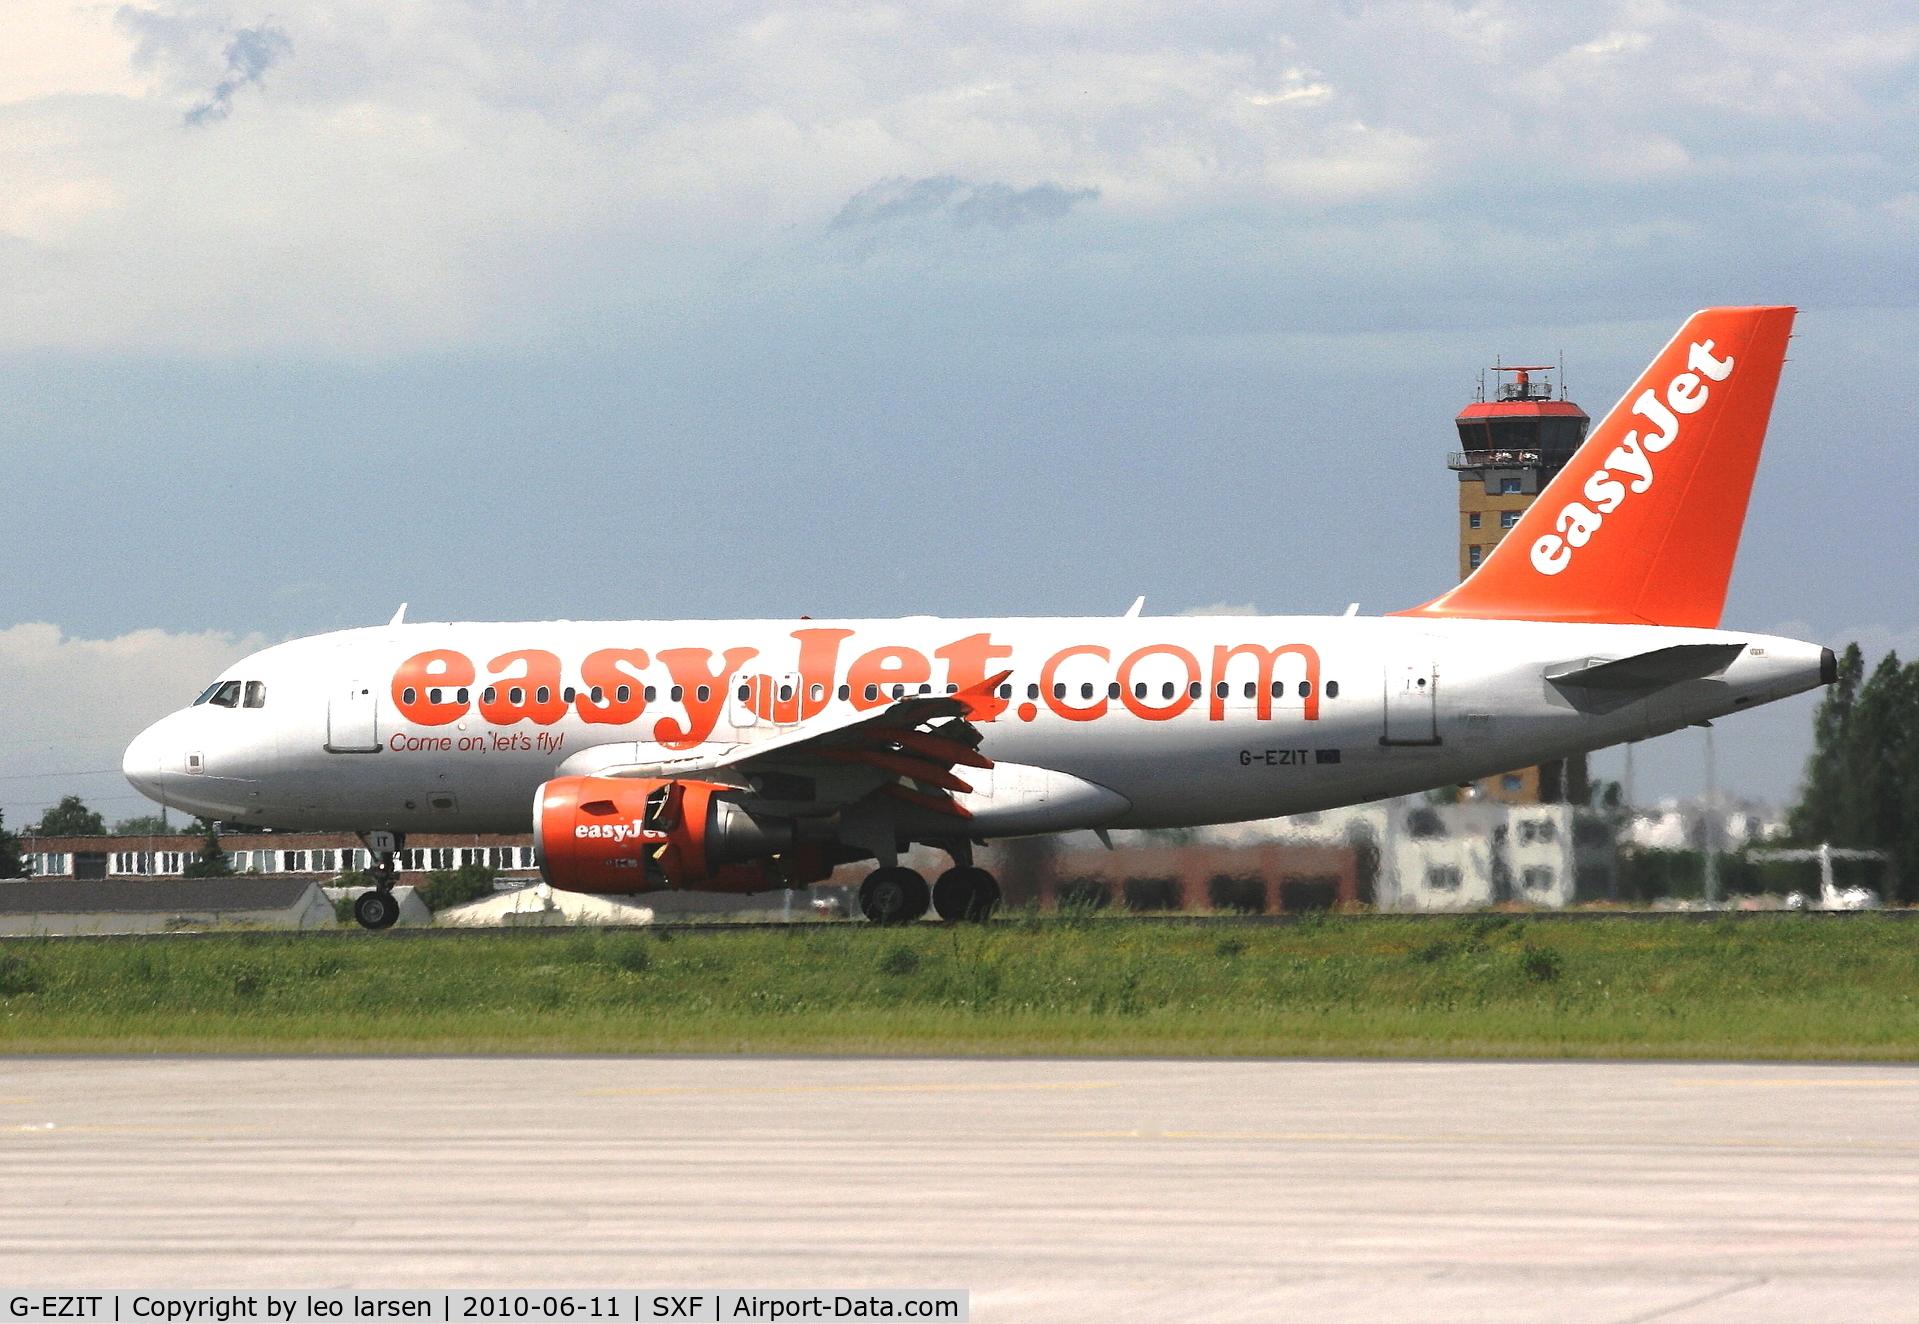 G-EZIT, 2005 Airbus A319-111 C/N 2538, Berlin 11.6.10